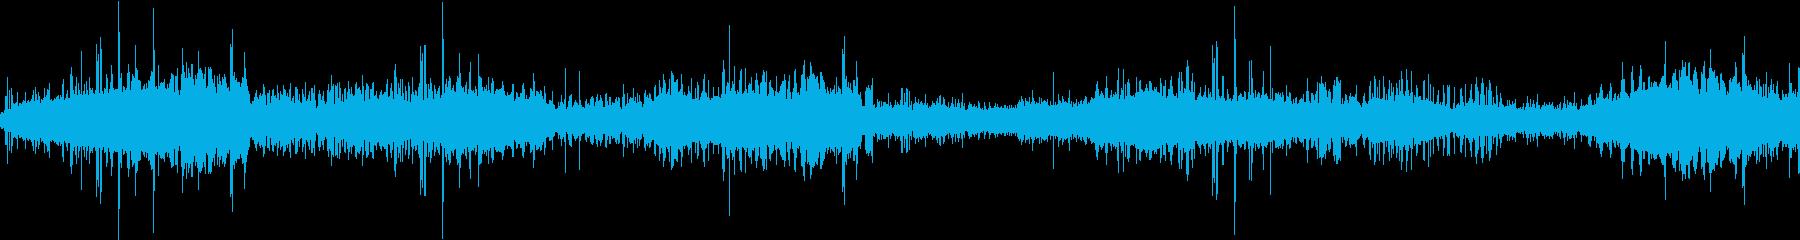 【環境音25分】森と木陰と風、鳥の鳴き声の再生済みの波形